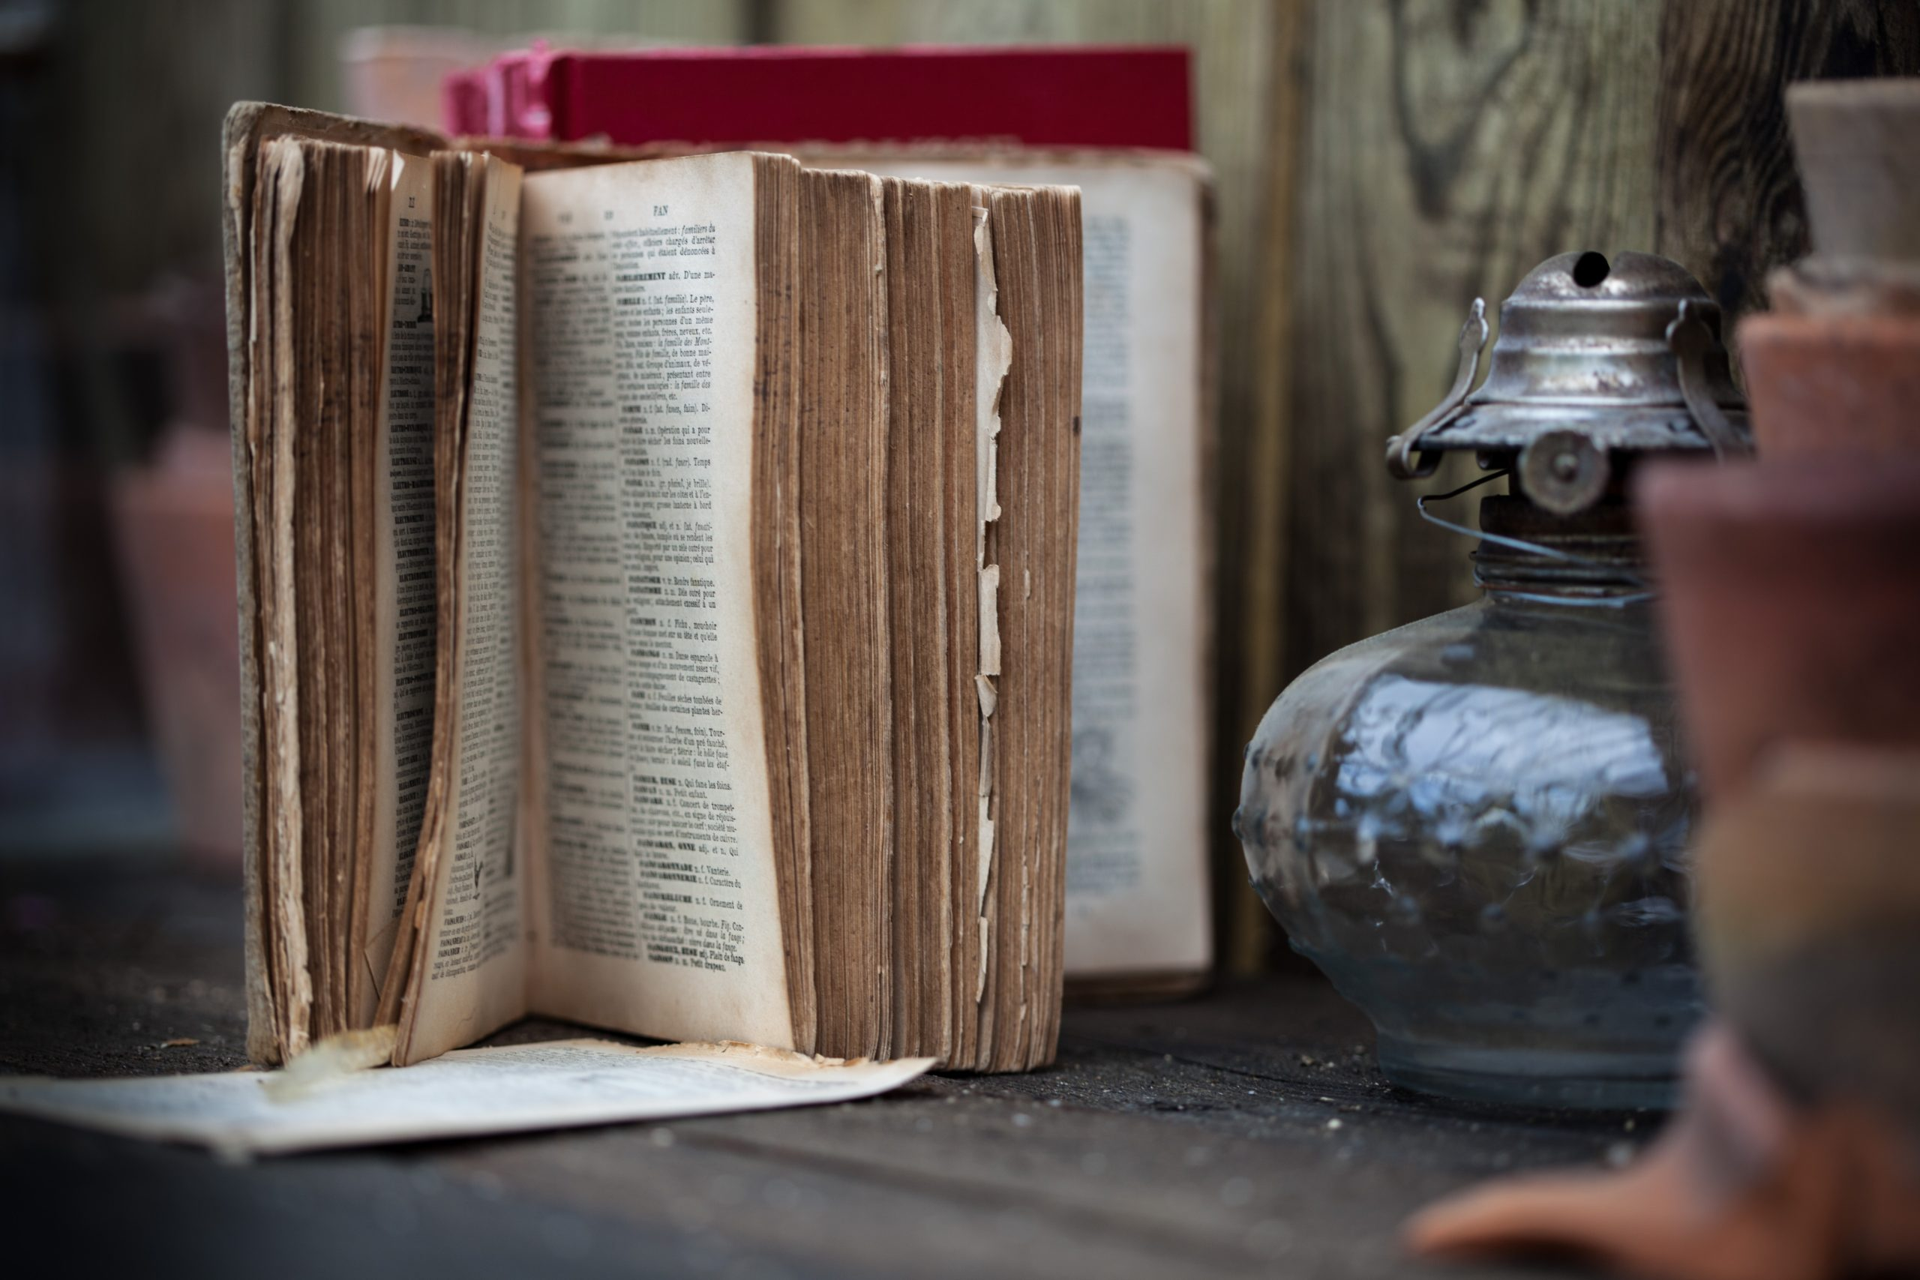 dictionnaire pour rechercher les bons mots